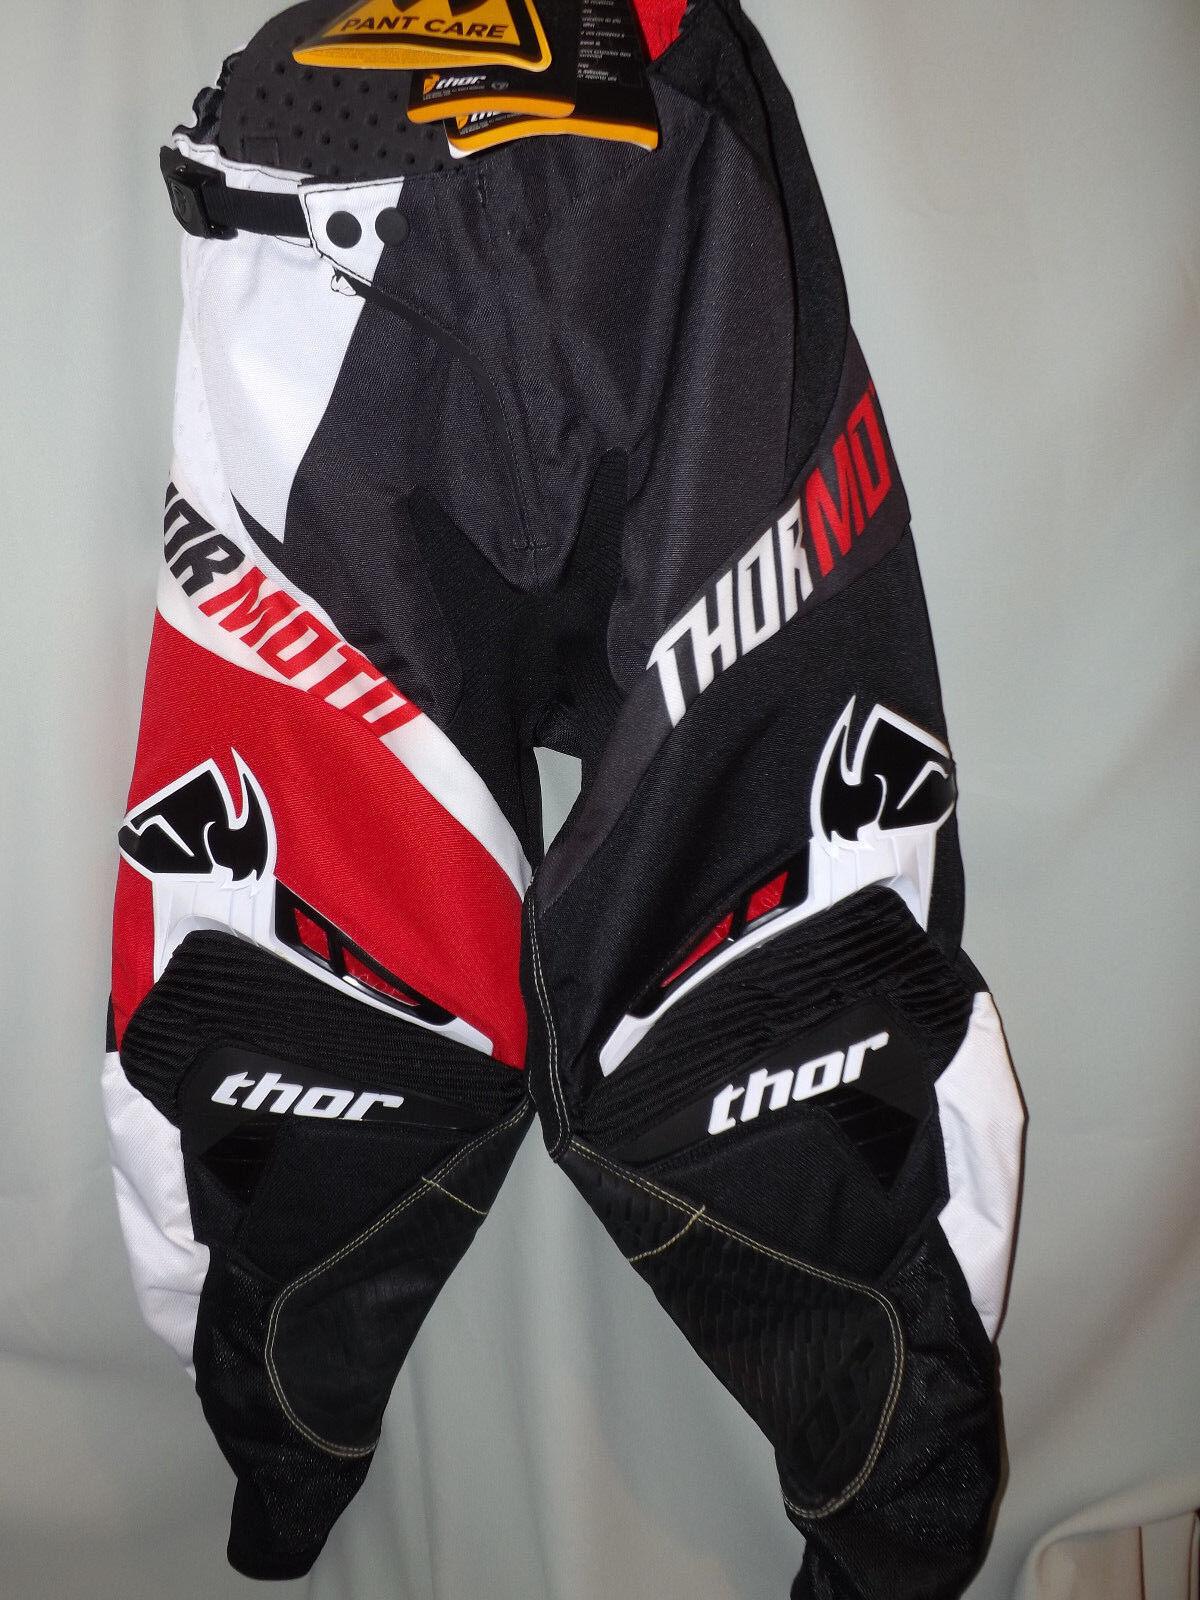 THOR MOTO Core Pantalones RAZOR RD  Adulto Tamaño 28 Negro Rojo blancoo Nuevo con etiquetas  Venta al por mayor barato y de alta calidad.